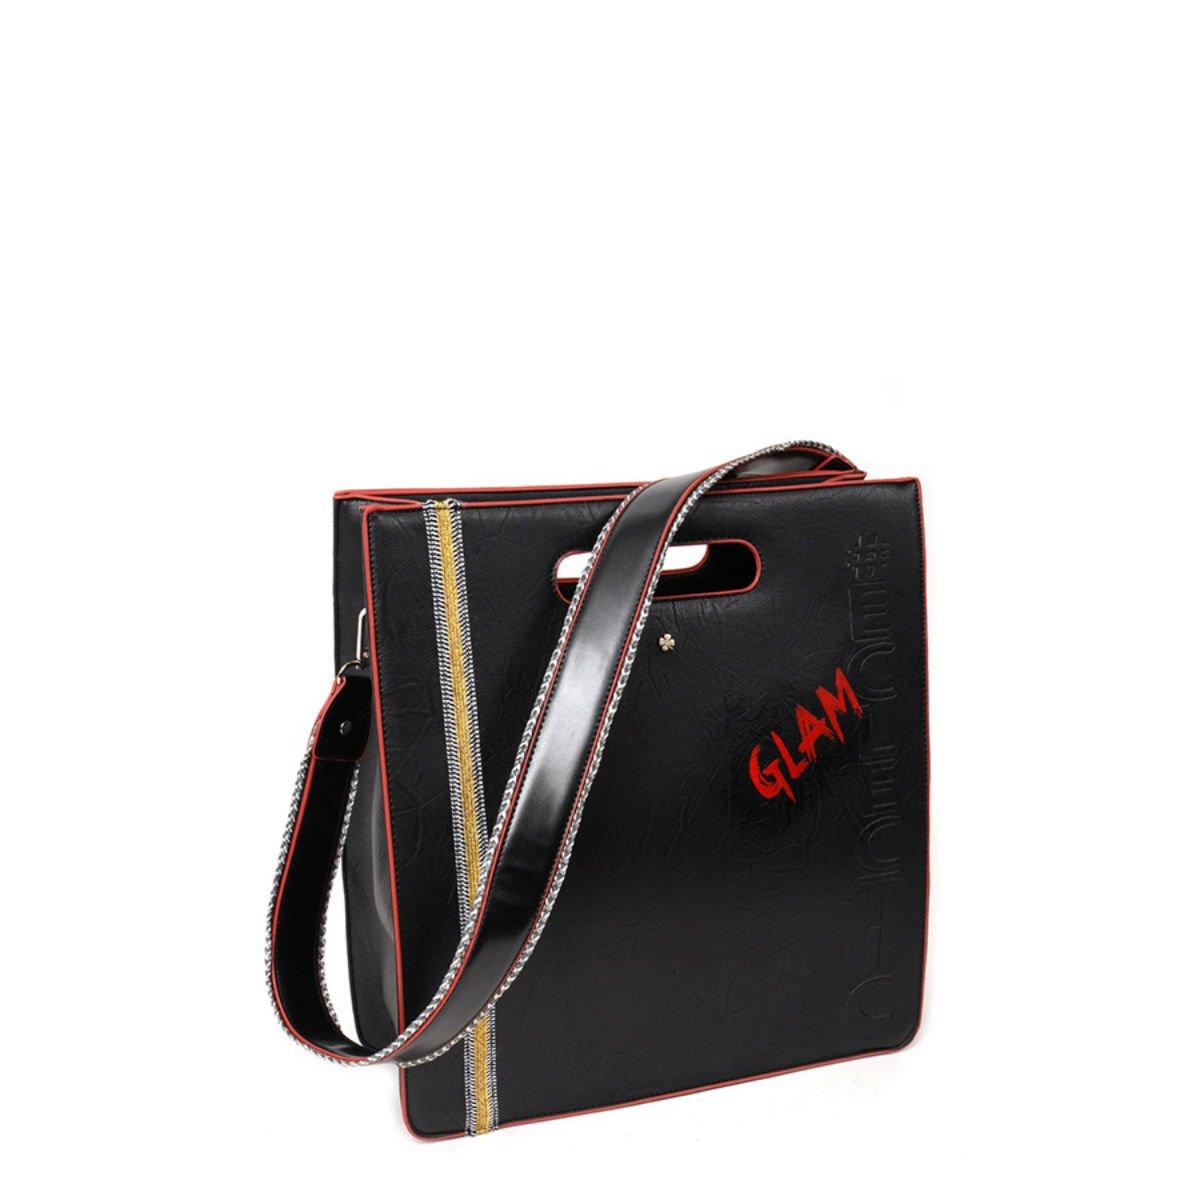 Černá kabelka DOCA - Glam